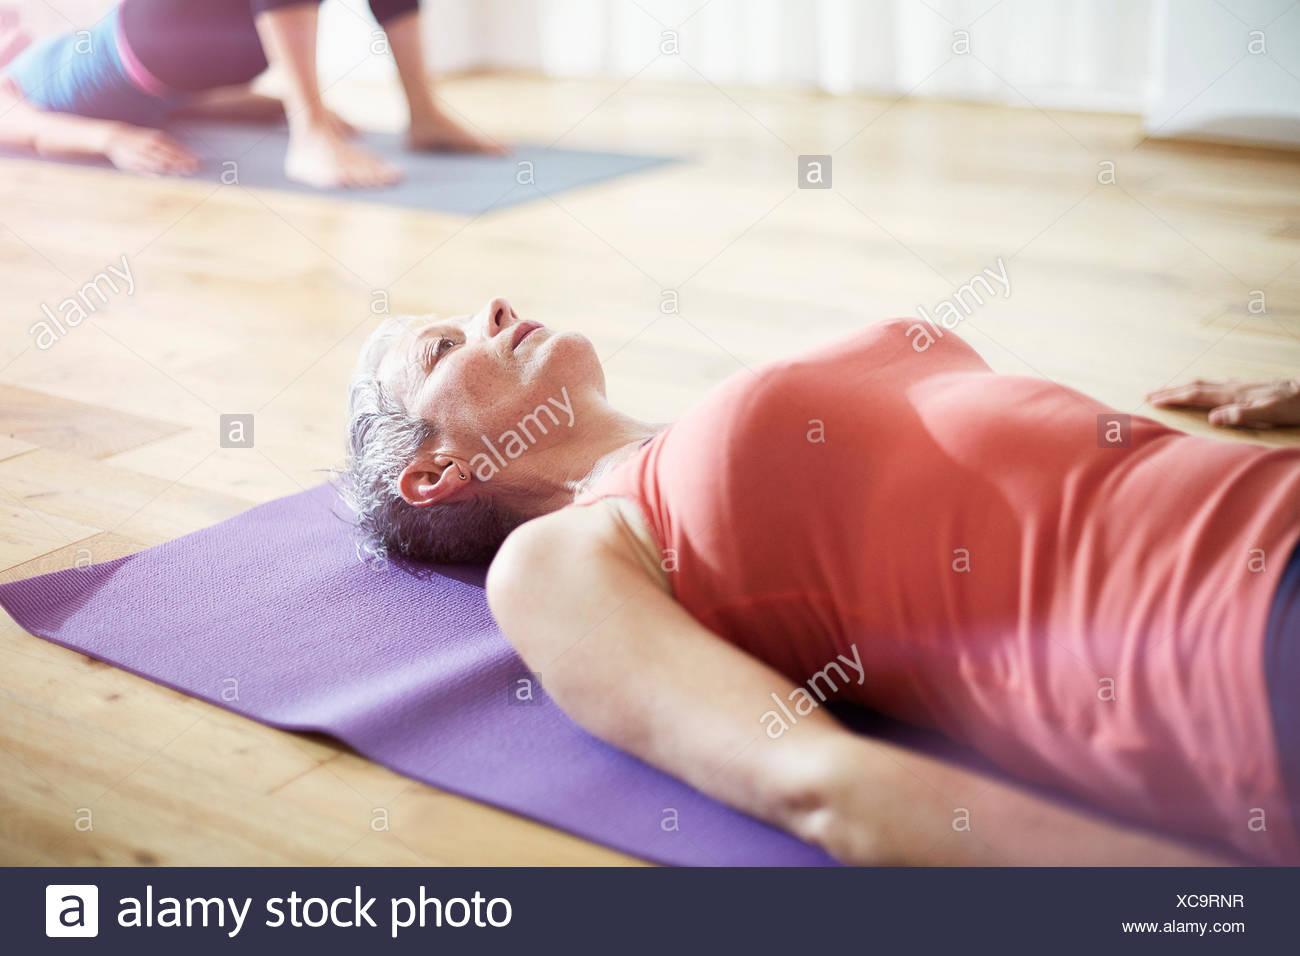 Coppia donna sdraiata sulla schiena in classe di pilates Immagini Stock